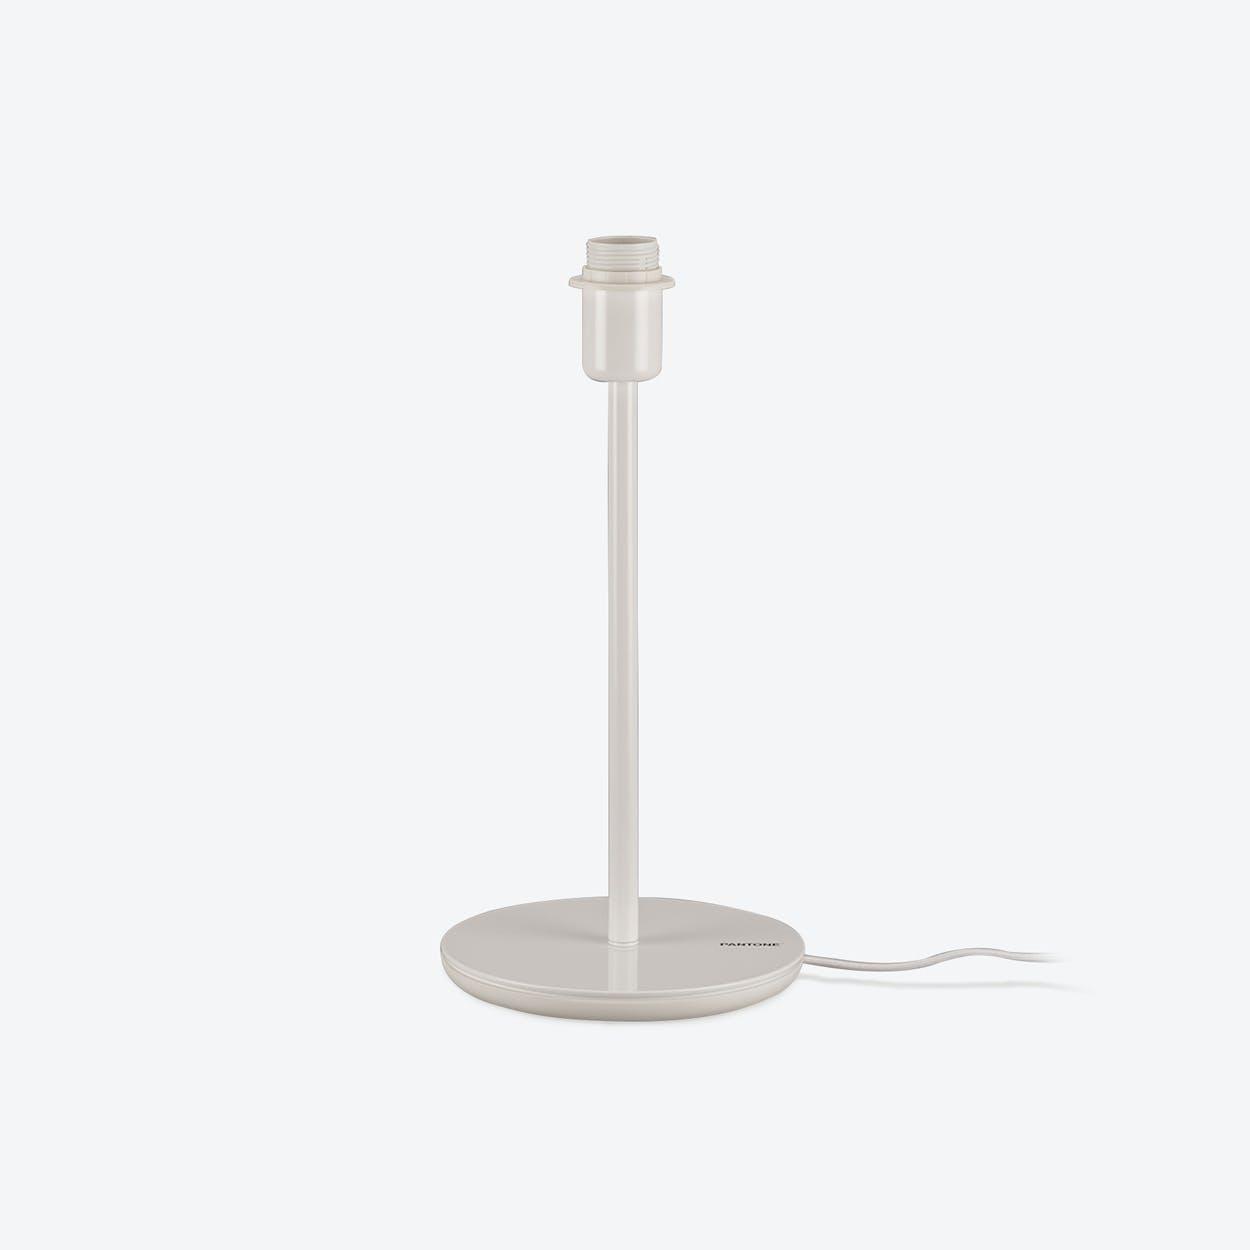 Capella Table Lamp in Brilliant White (UK)